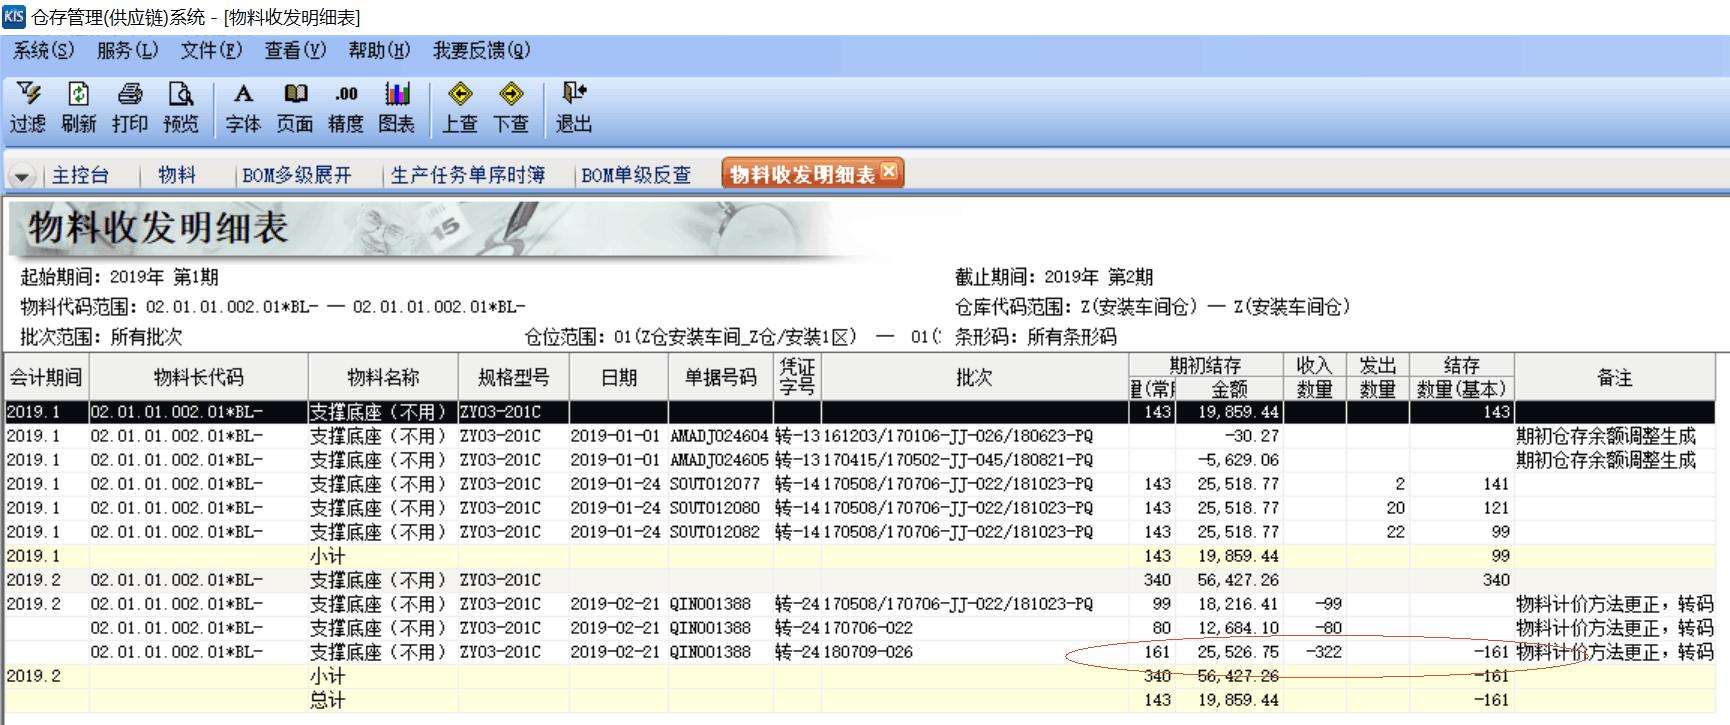 旗舰版V4.0,物料明细表查询所有批次时显示的结存数量不正确